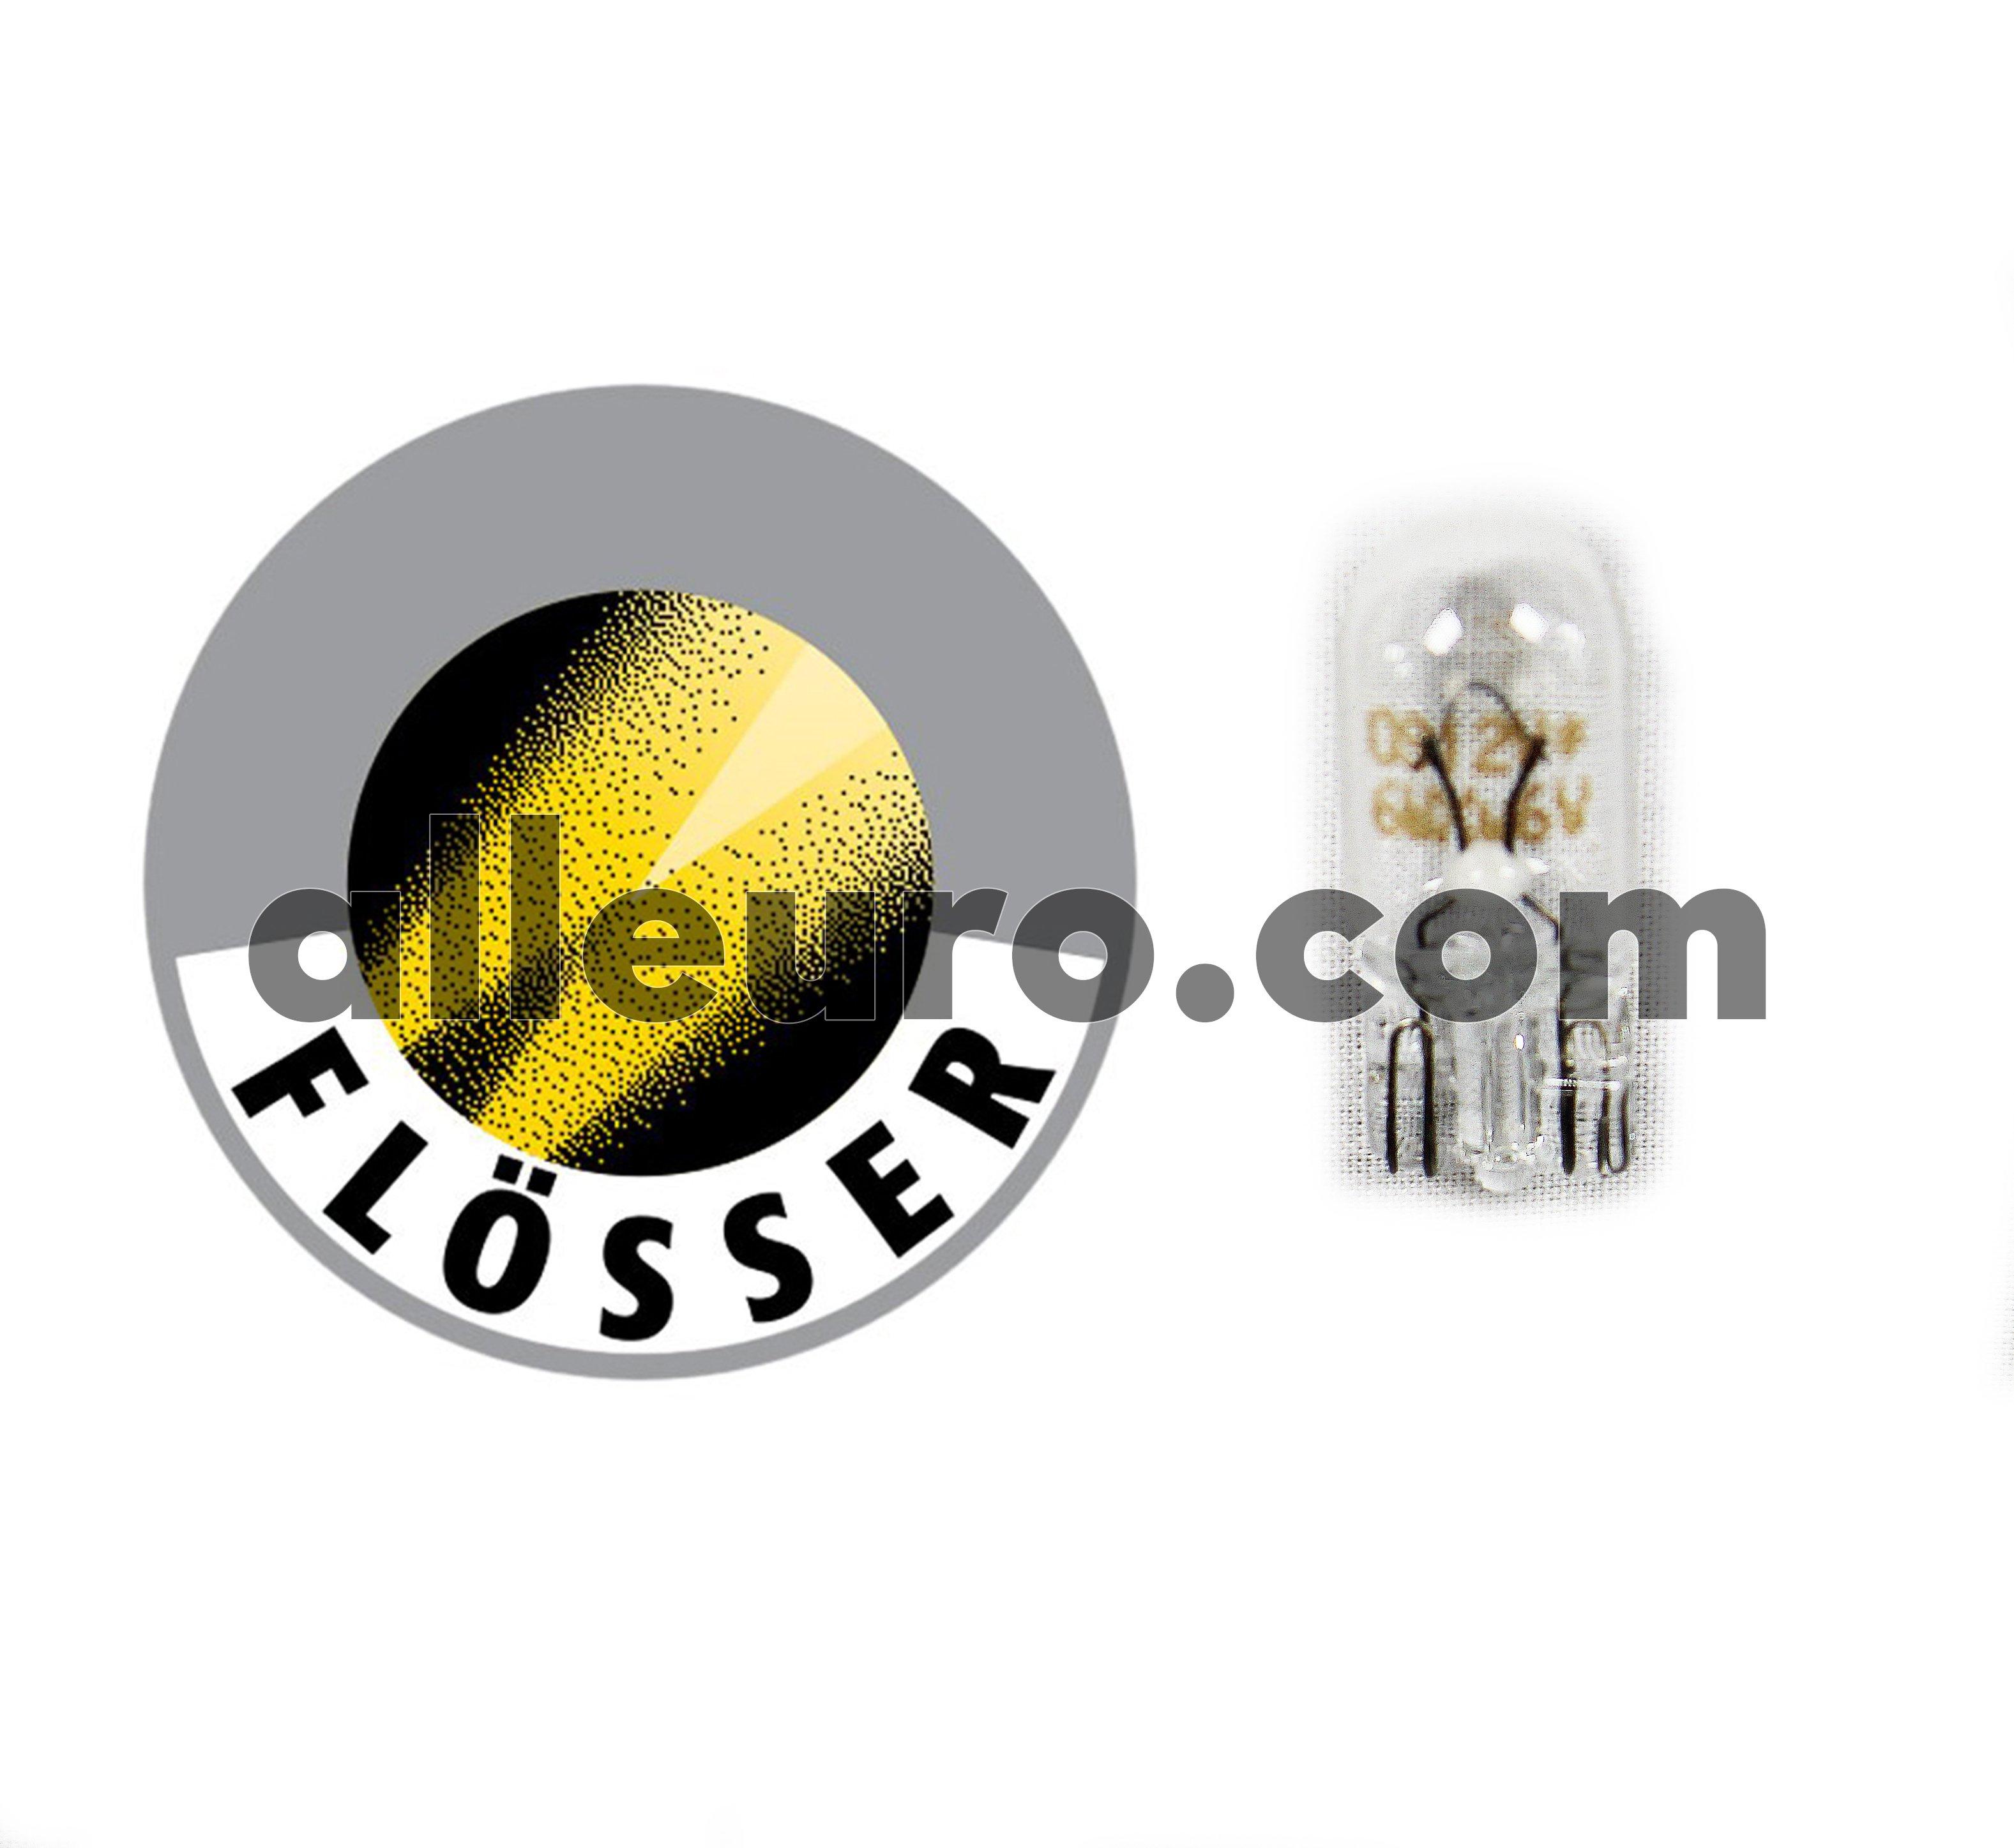 Flosser Light Bulb 63217160908 - READING LIGHT BULB